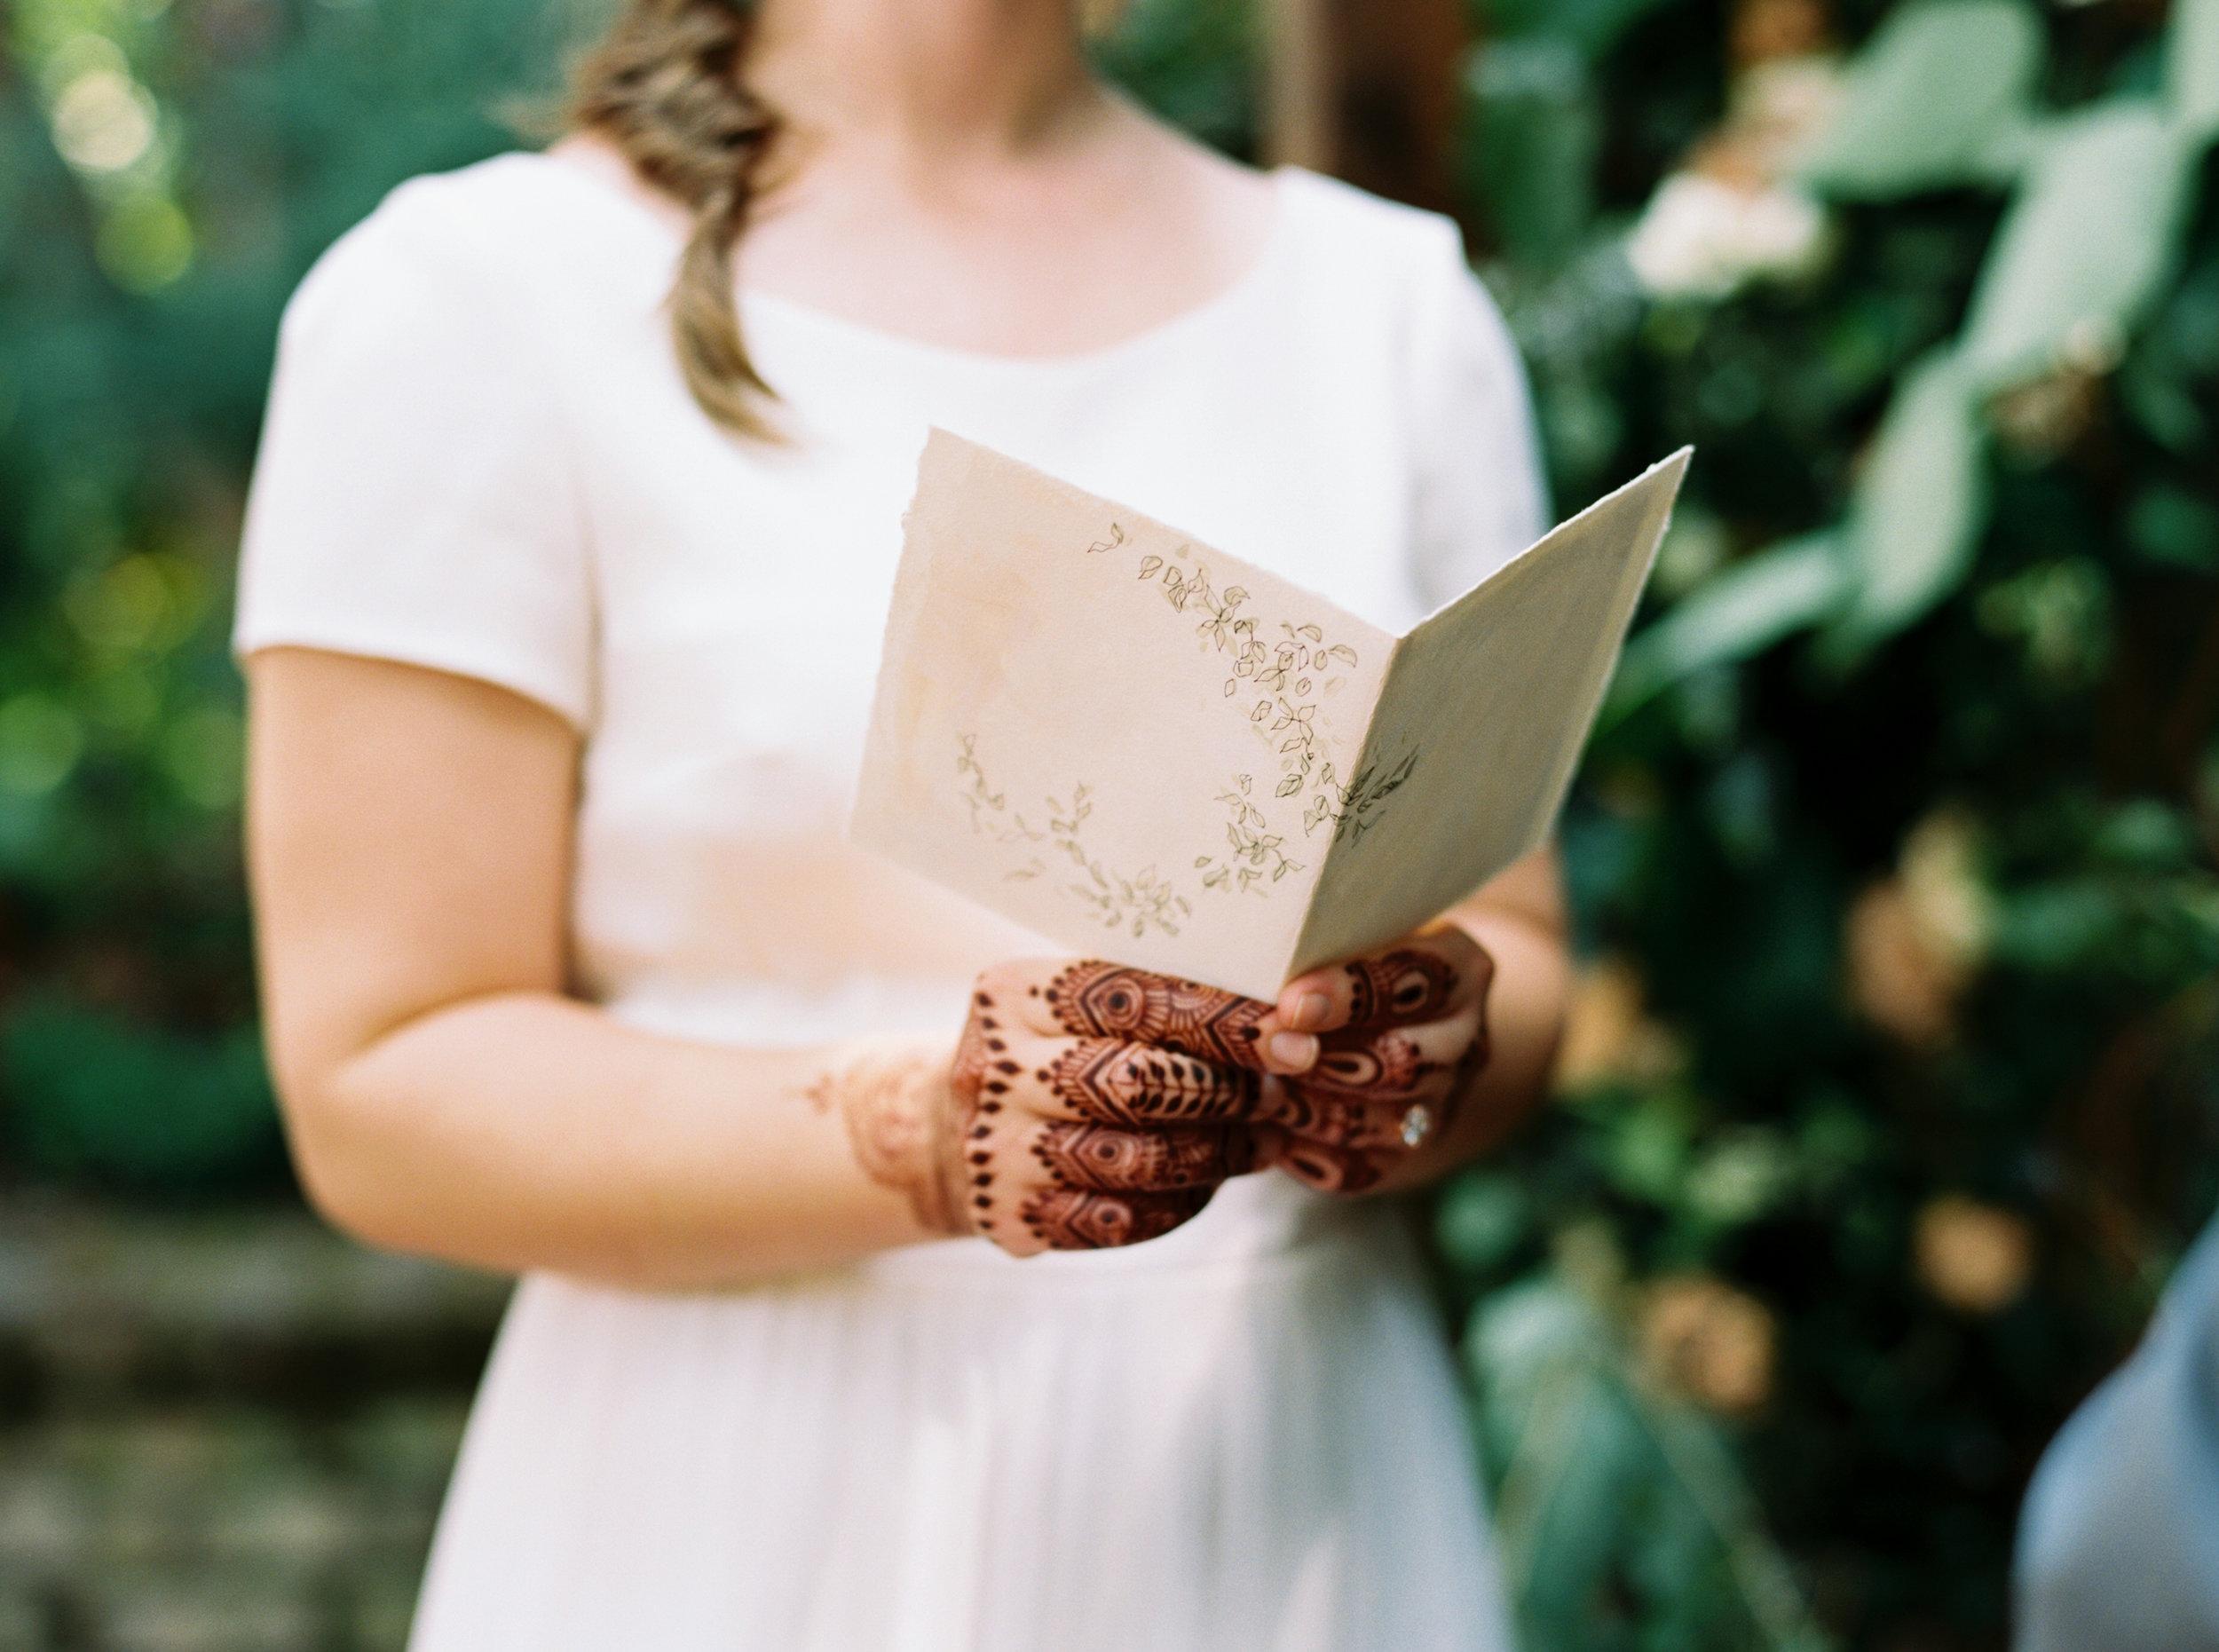 Wahoo_Grill_Atlanta_Indian_Wedding_Abigail_Malone_Photgoraphy_FIlm-95.jpg